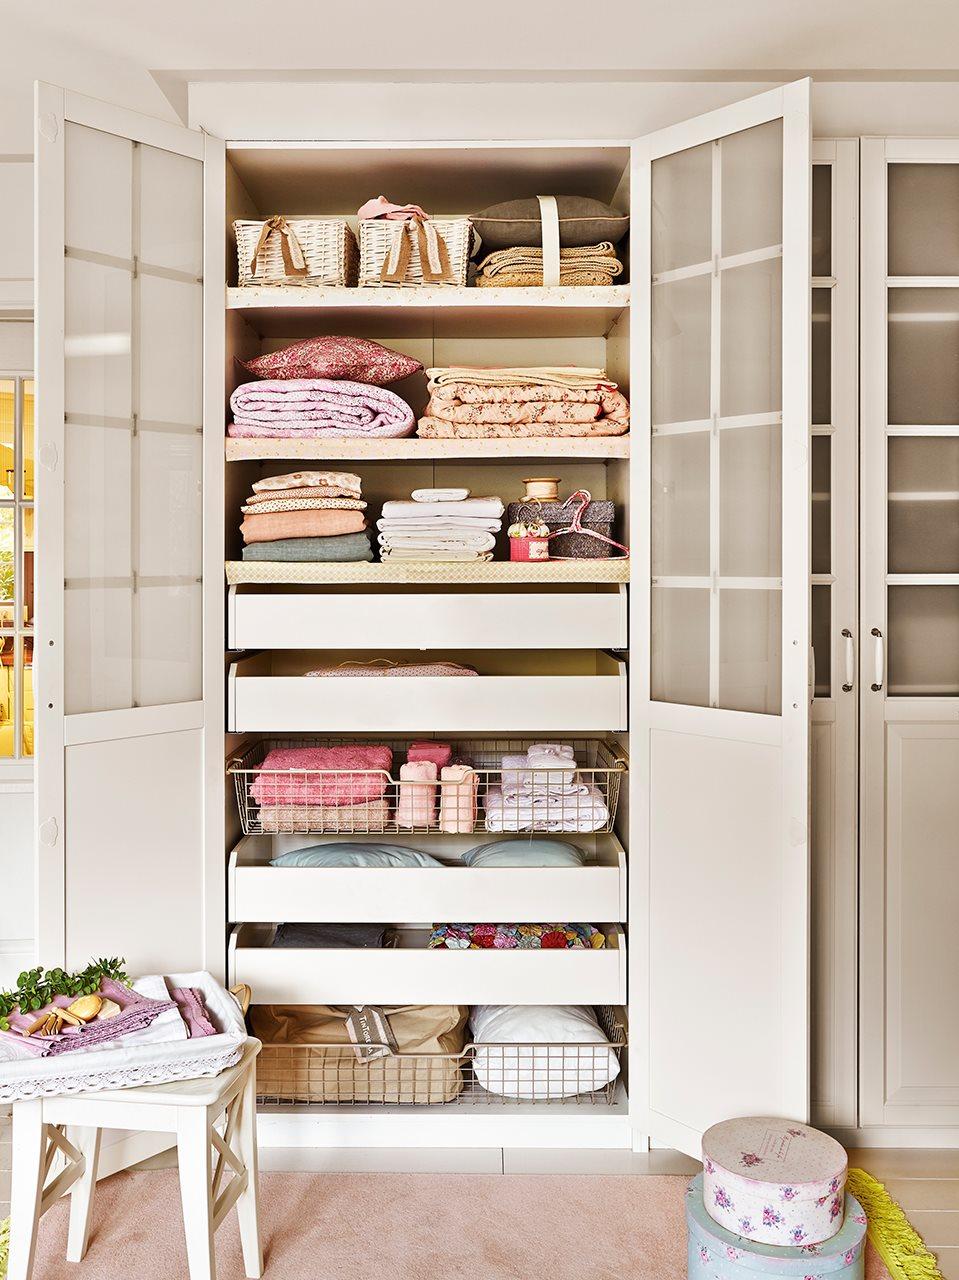 C mo organizar la ropa de casa - Organizar ropa interior ...